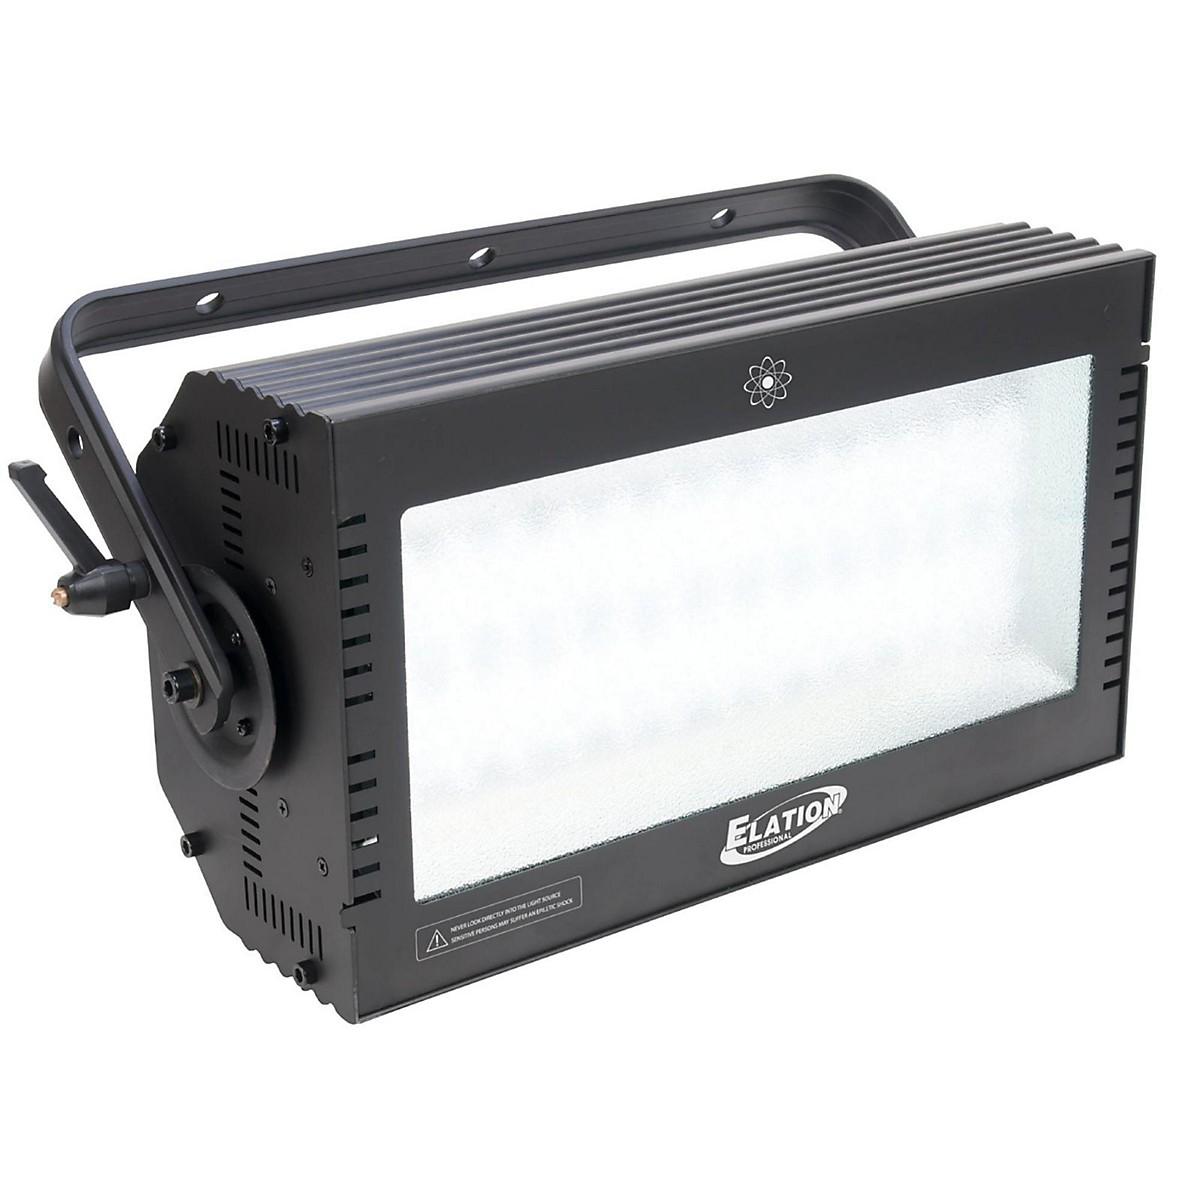 Elation Protron 3K LED Strobe